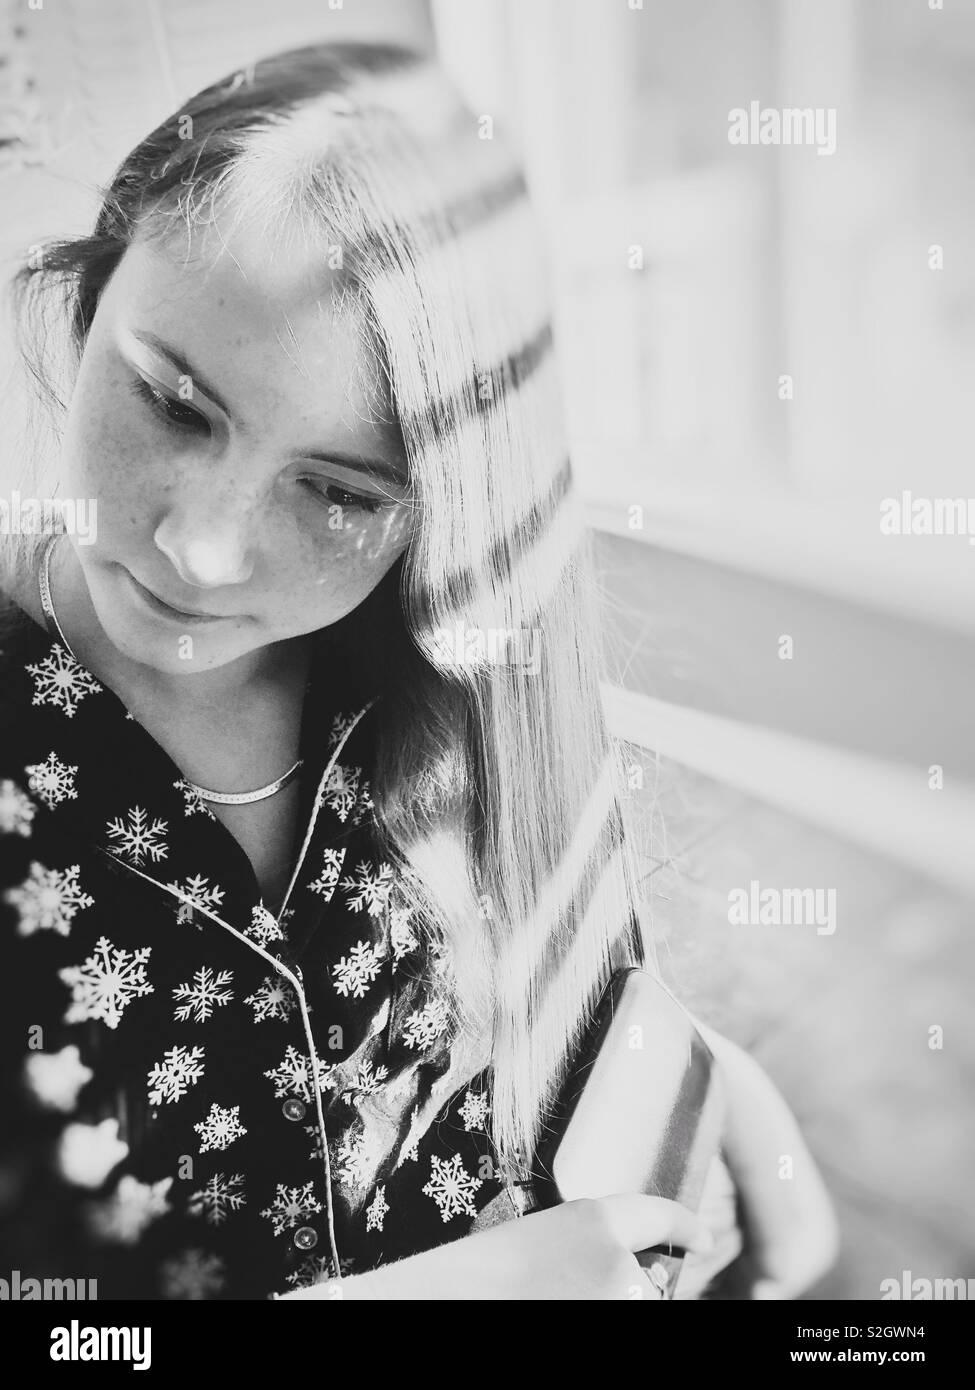 Image noir et blanc aéré de teenage girl brushing long, cheveux blonds par une fenêtre avec la lumière du soleil et les ombres Banque D'Images